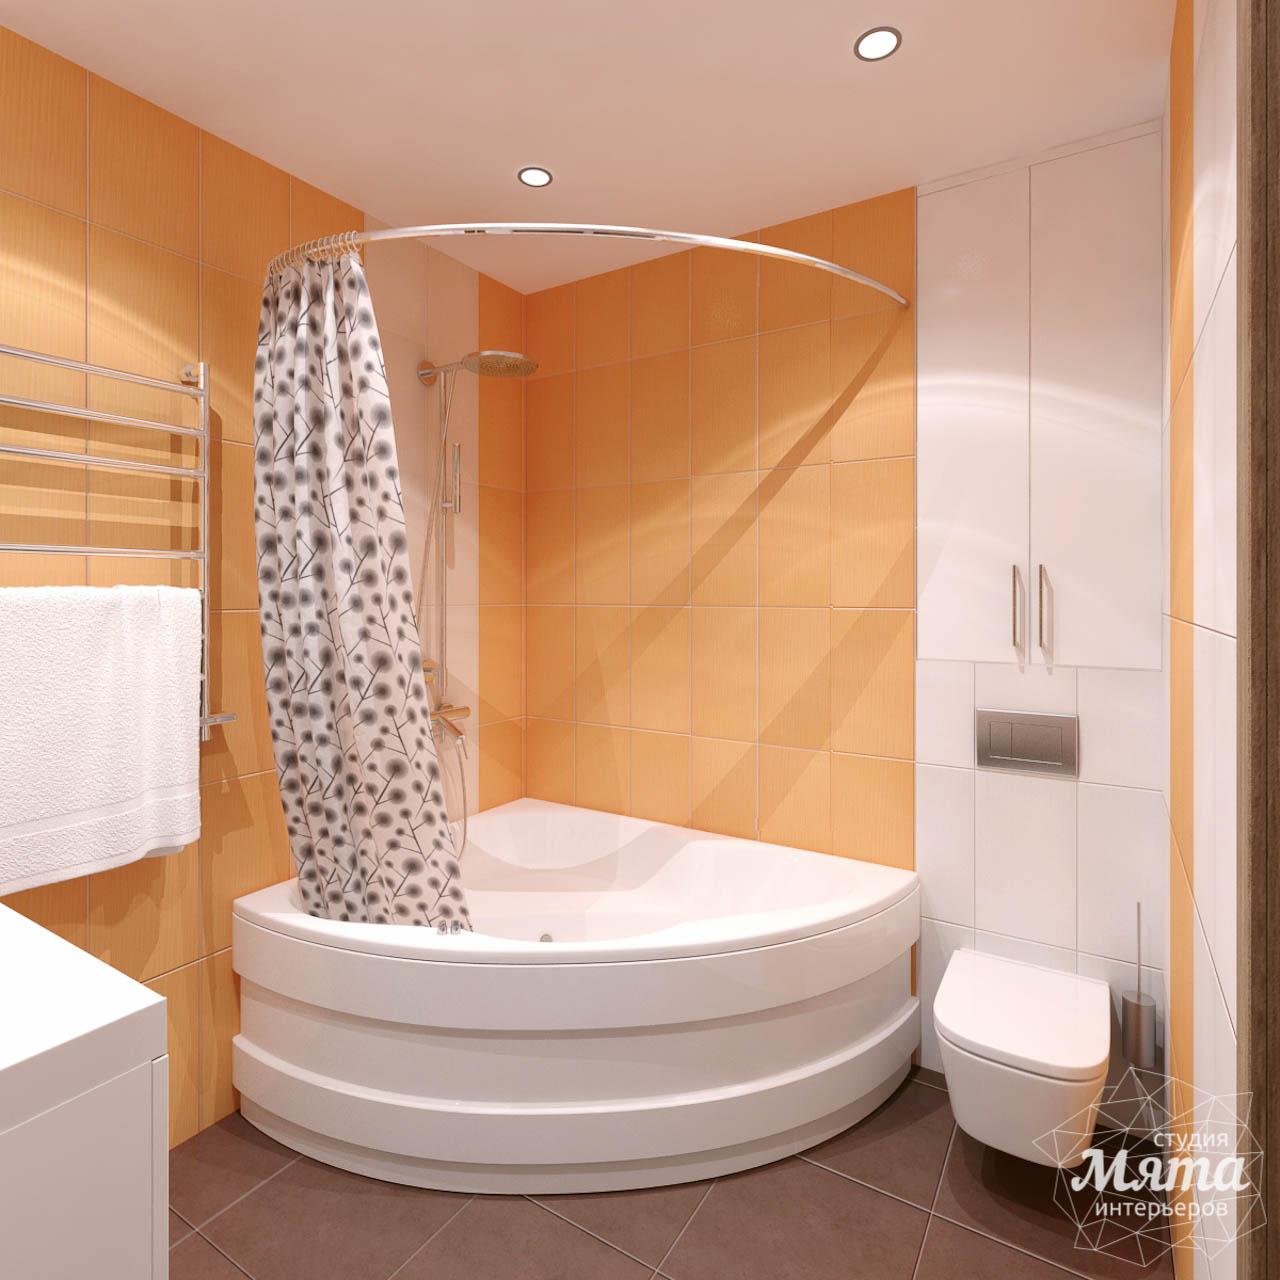 Дизайн интерьера двухкомнатной квартиры по ул. Машинная 40 img20744272